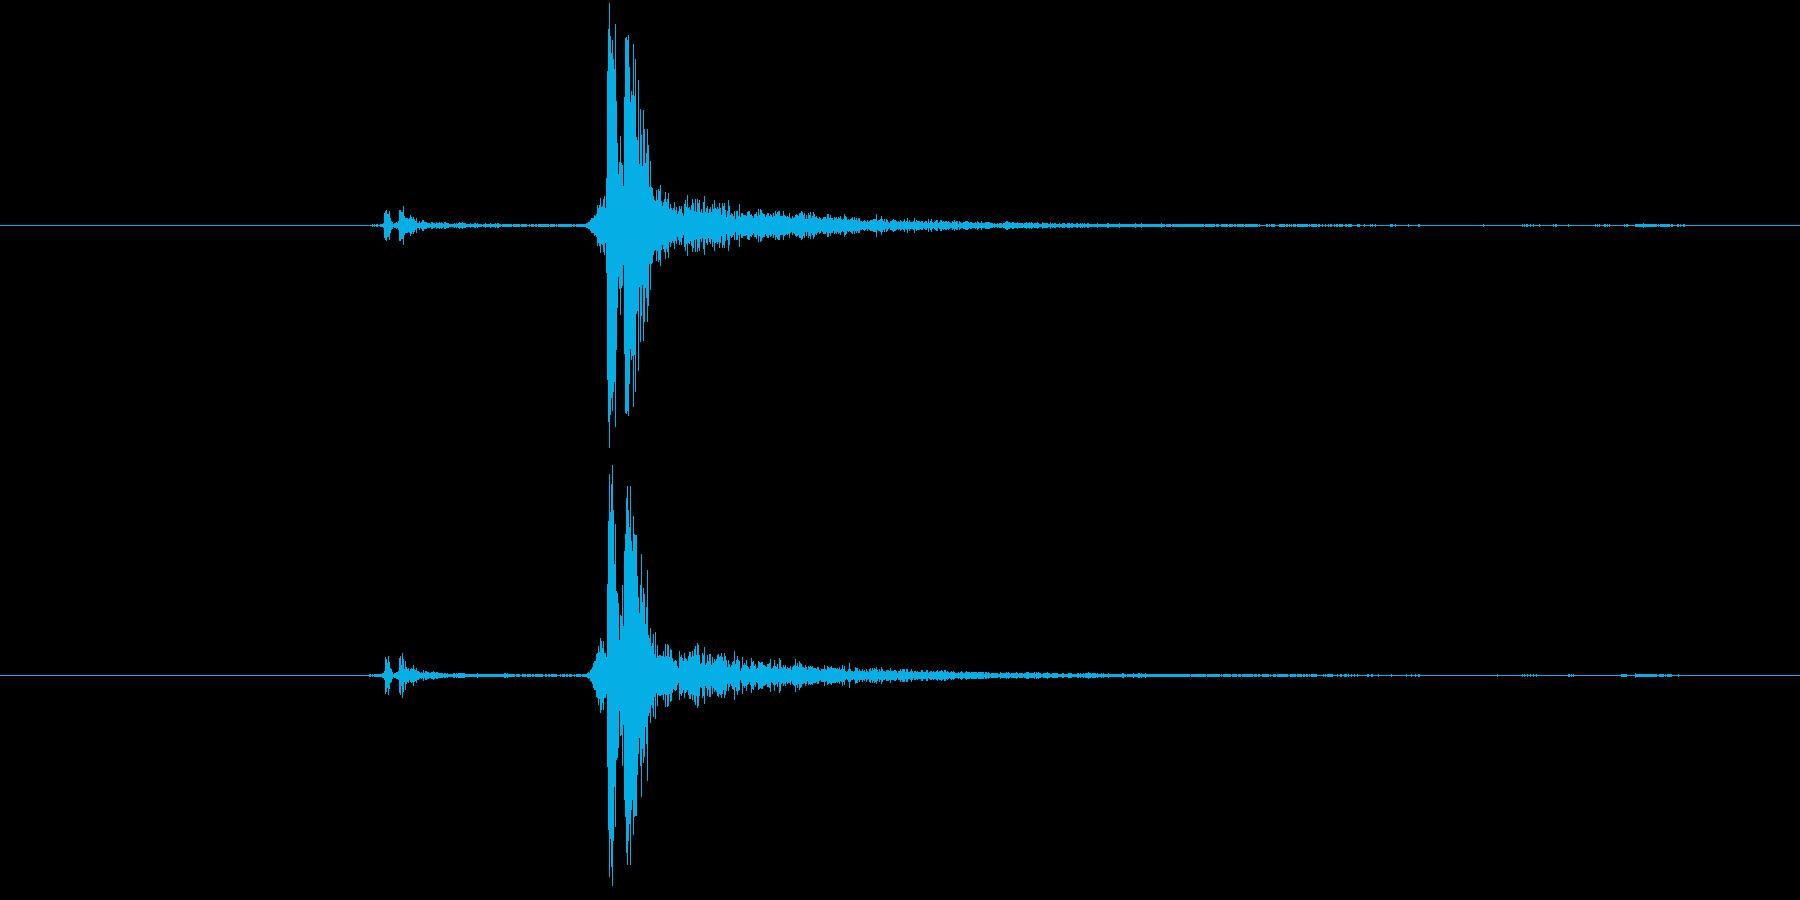 カチッ(装着、はめ込む、ピッチ高め)の再生済みの波形